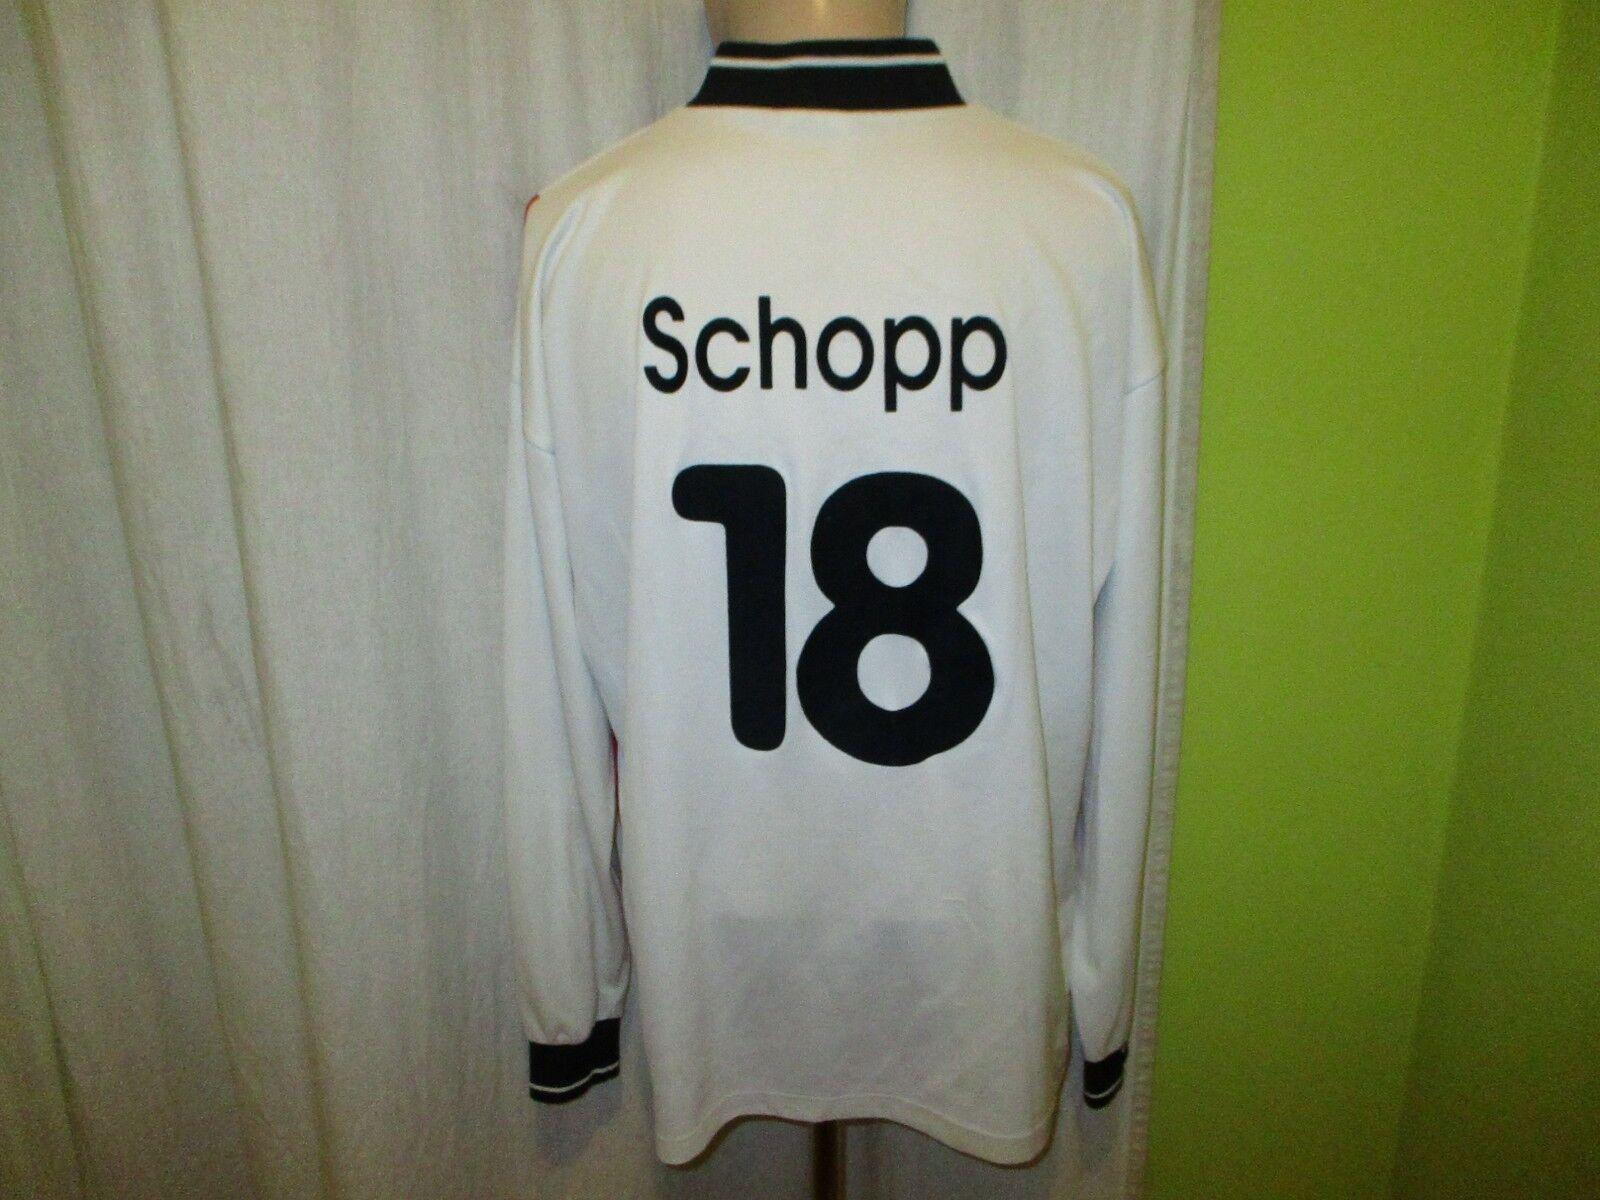 Hamburger SV uhlsport UEFA-CUP Matchworn Trikot 1996/97 + Nr.18 Schopp Schopp Nr.18 Gr.XL 678a27